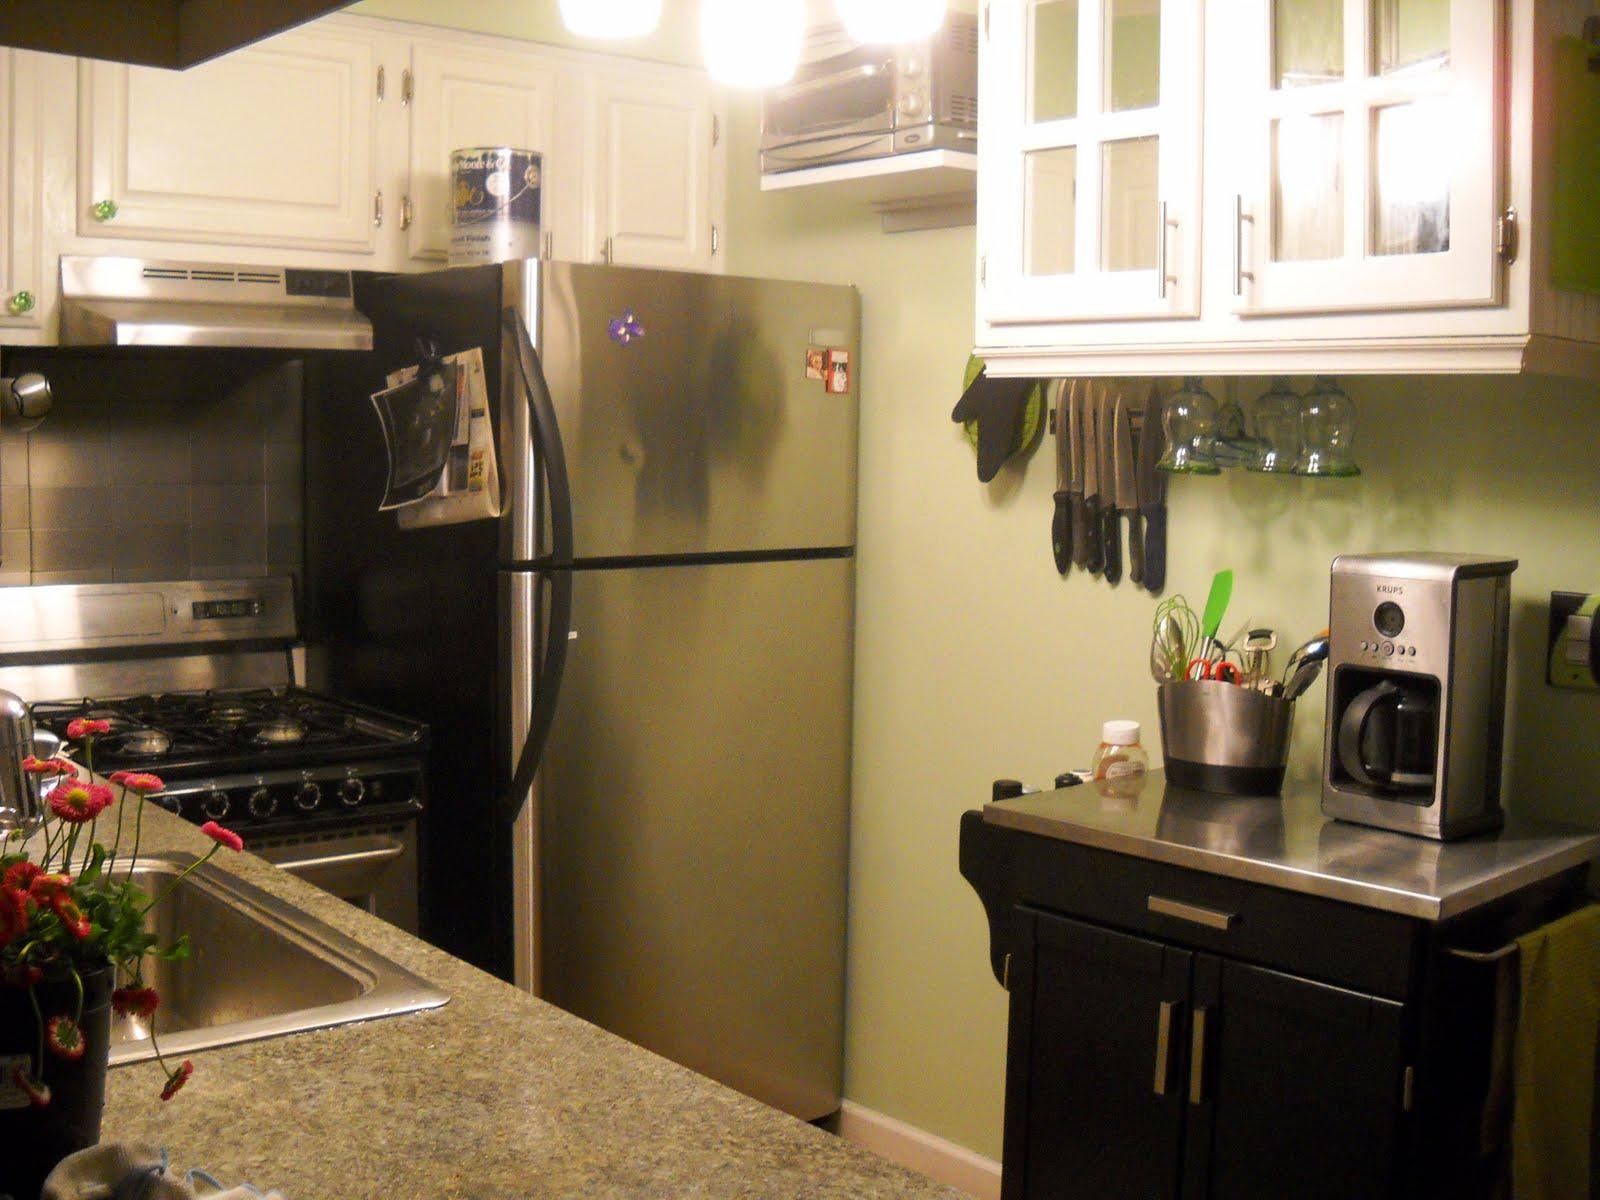 http://3.bp.blogspot.com/-uTwdREbv2fw/TcIMb6hvEZI/AAAAAAAABKU/rtIXlI-lavk/s1600/kitchen%2B139.jpg